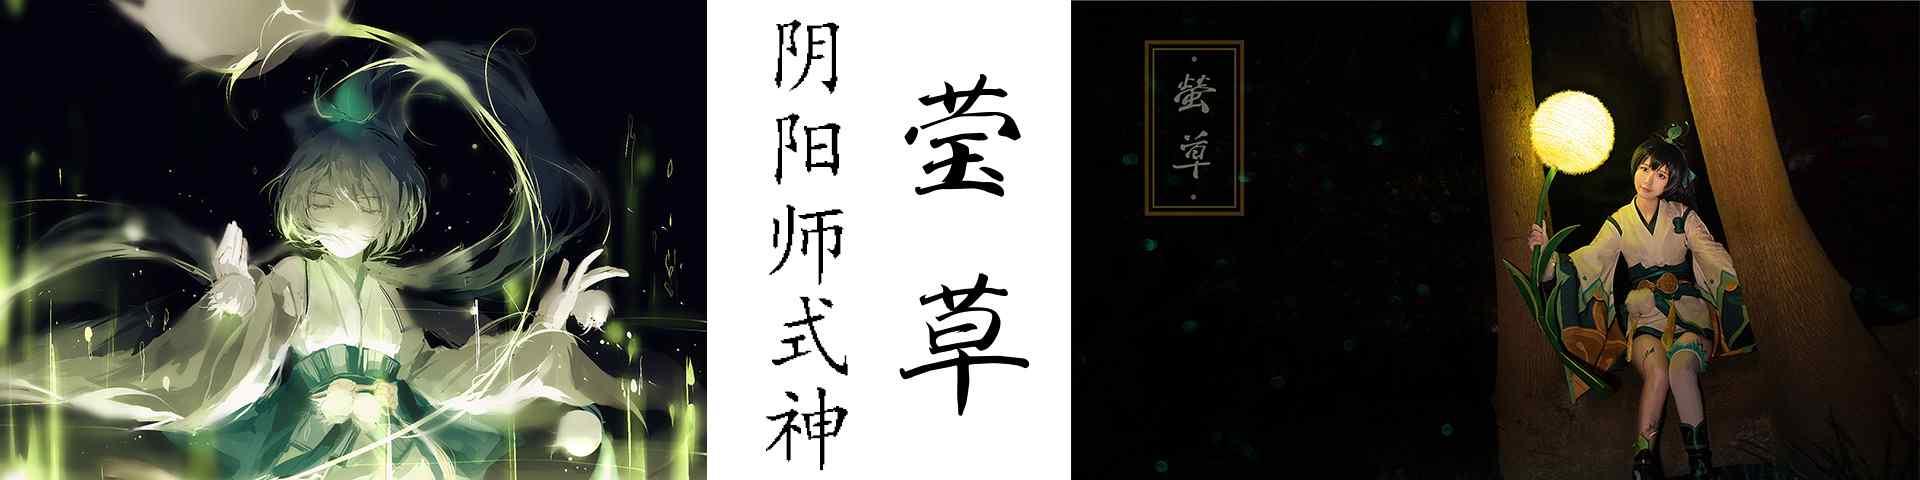 阴阳师萤草_阴阳师手游、阴阳师式神_萤草图片_萤草cosplay图_阴阳师游戏壁纸